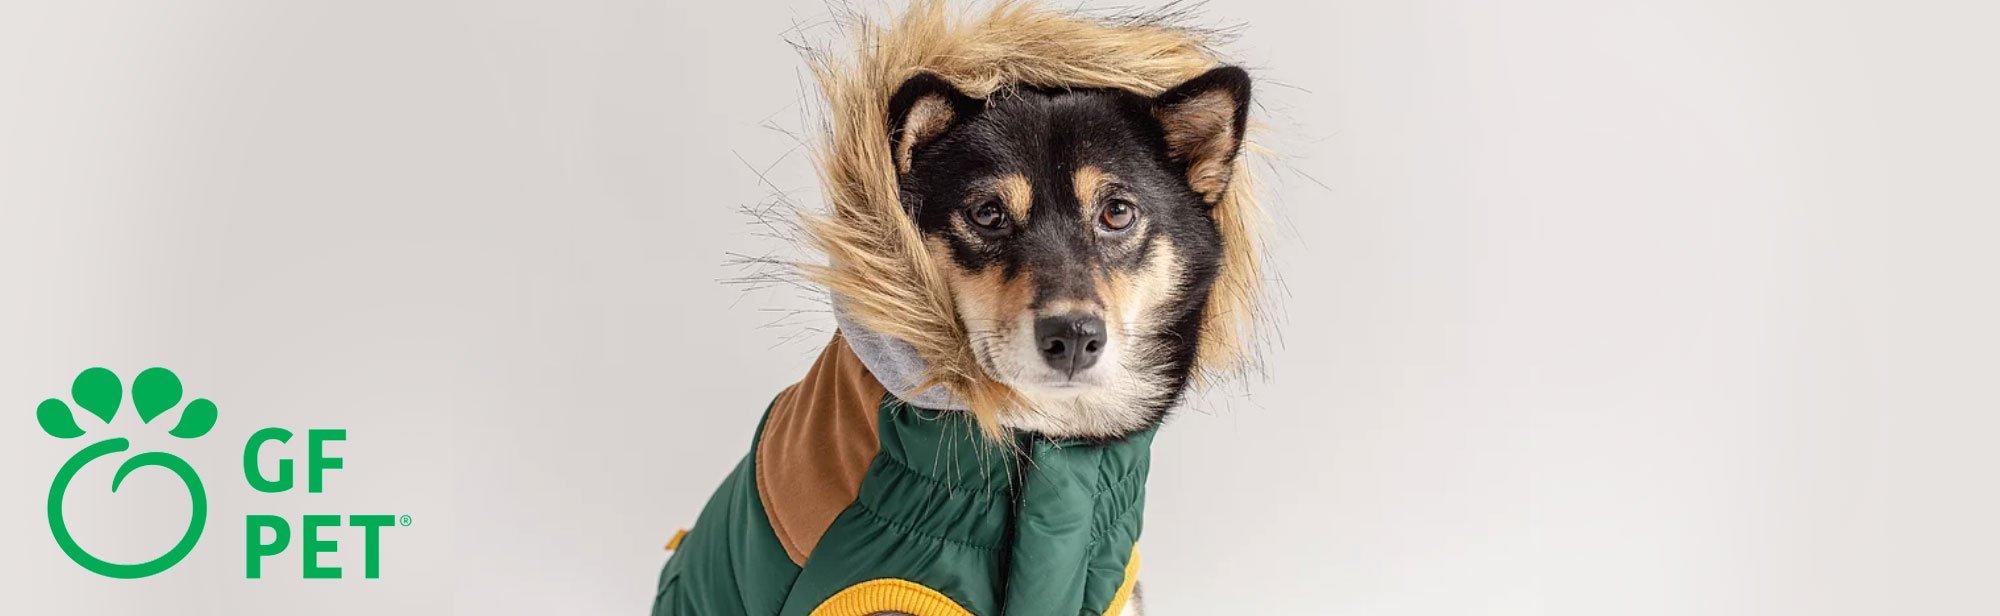 GF Pet Hundebekleidung, Bild 3